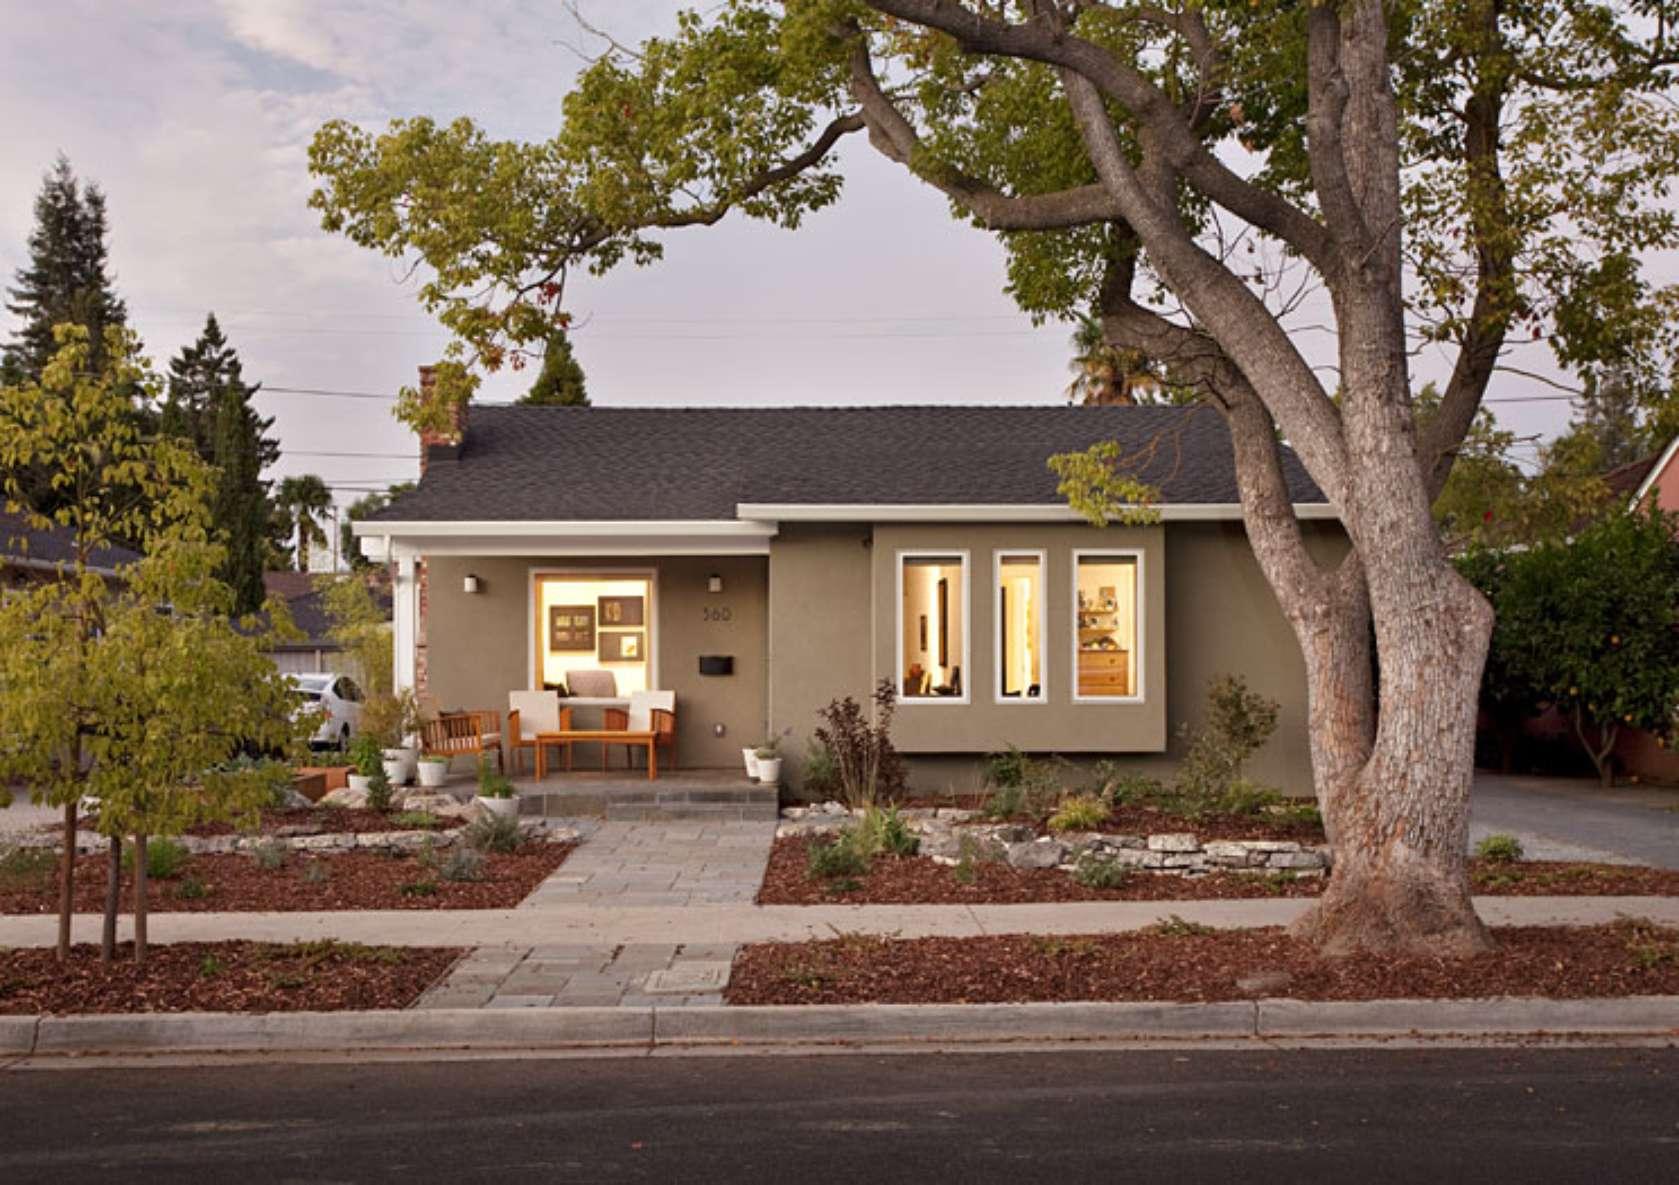 Contemporary Ranch Home Exterior